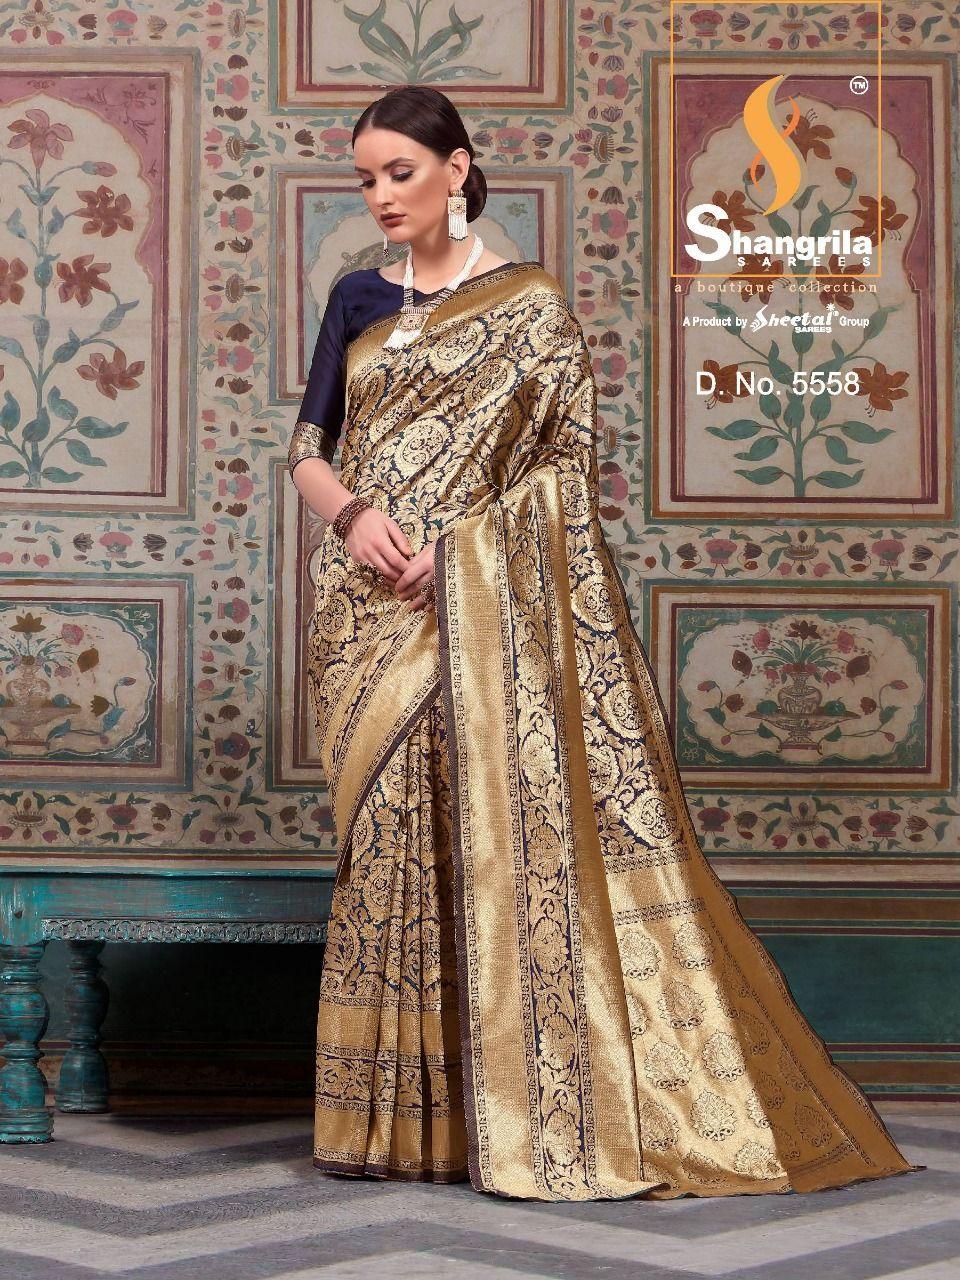 6c7f82c96d Shangrila Samyra Silk Sarees (8 Pcs Catalog )   Fancy Sarees ...